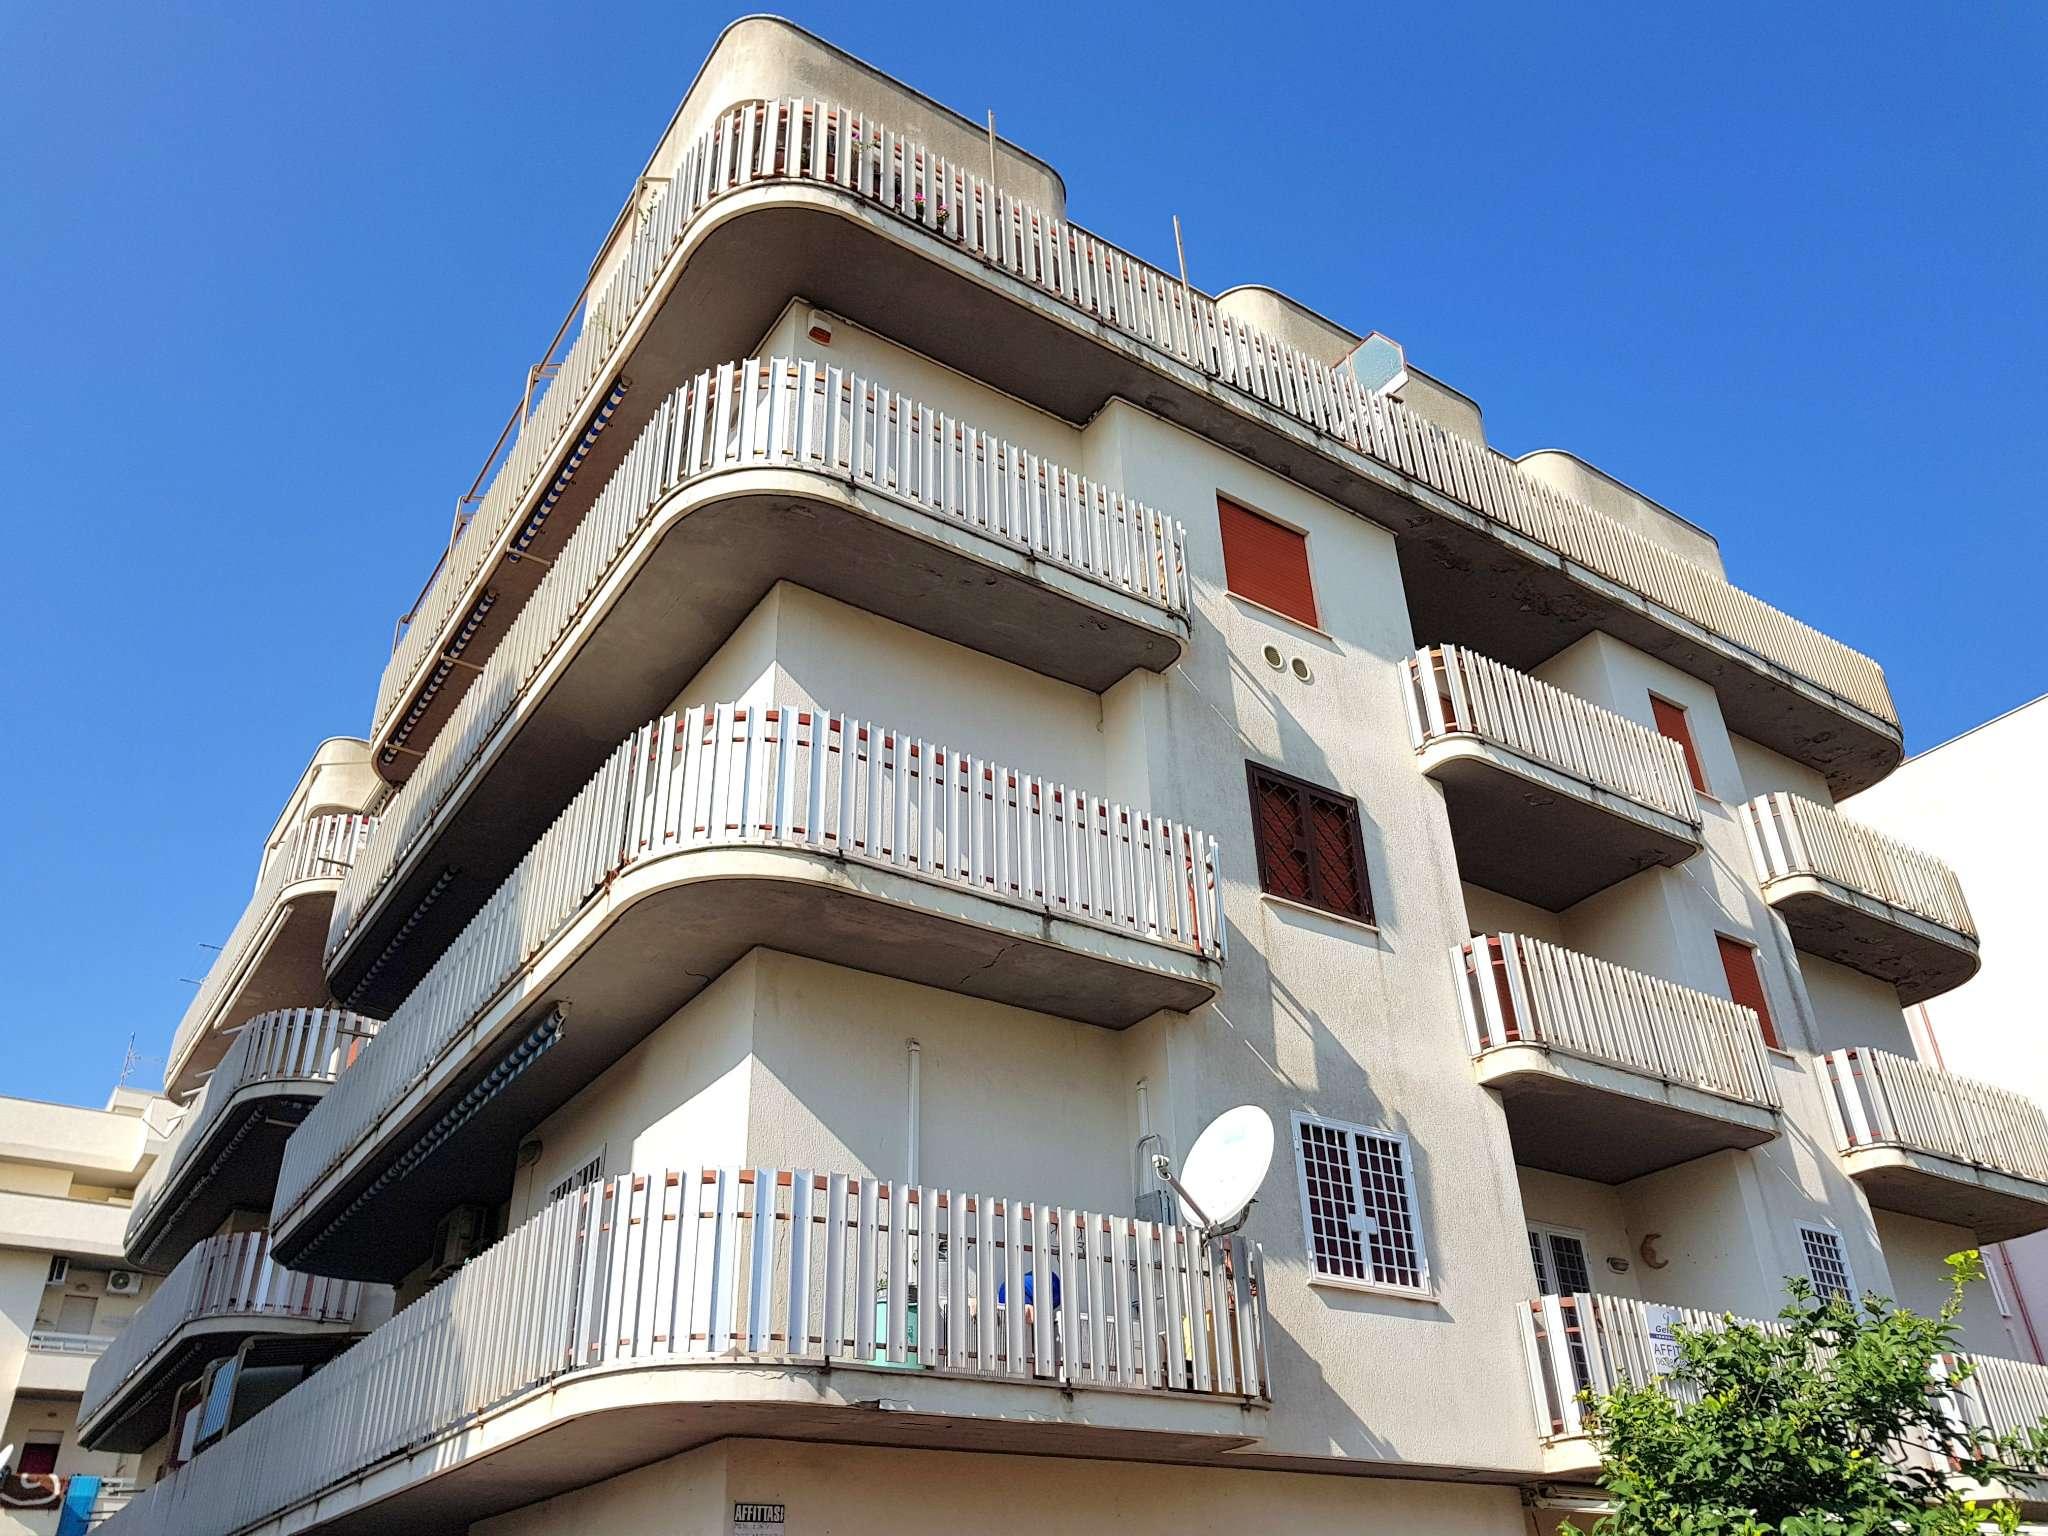 Appartamento in vendita a Nettuno, 3 locali, prezzo € 129.000 | CambioCasa.it